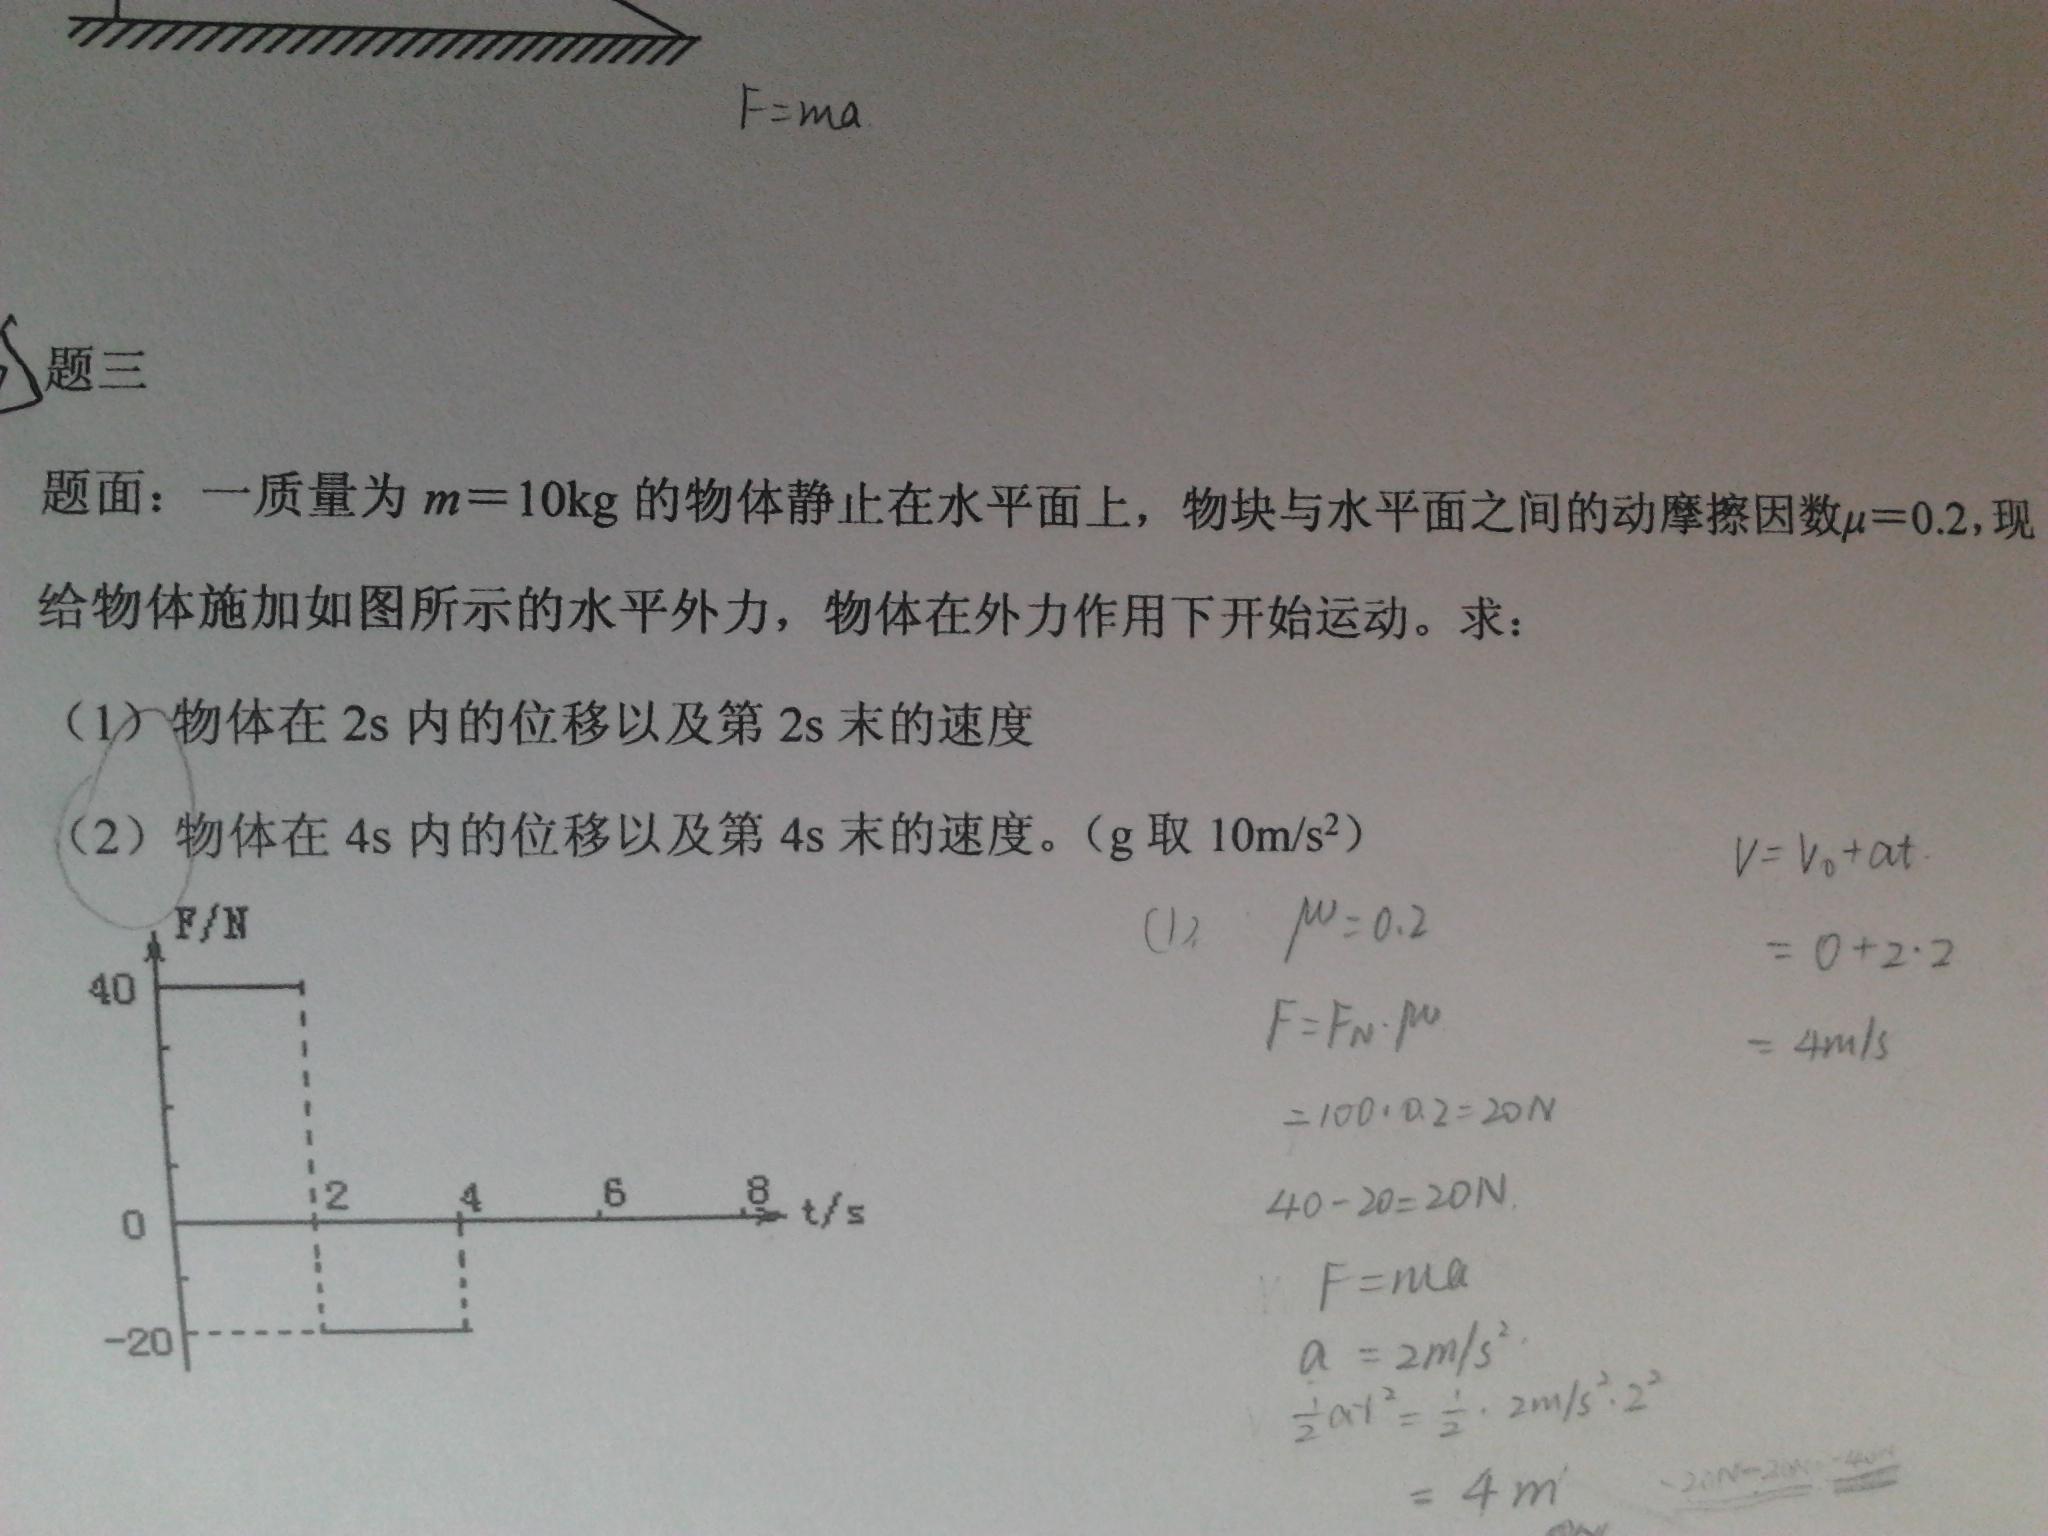 高一物理牛顿第二定律问题